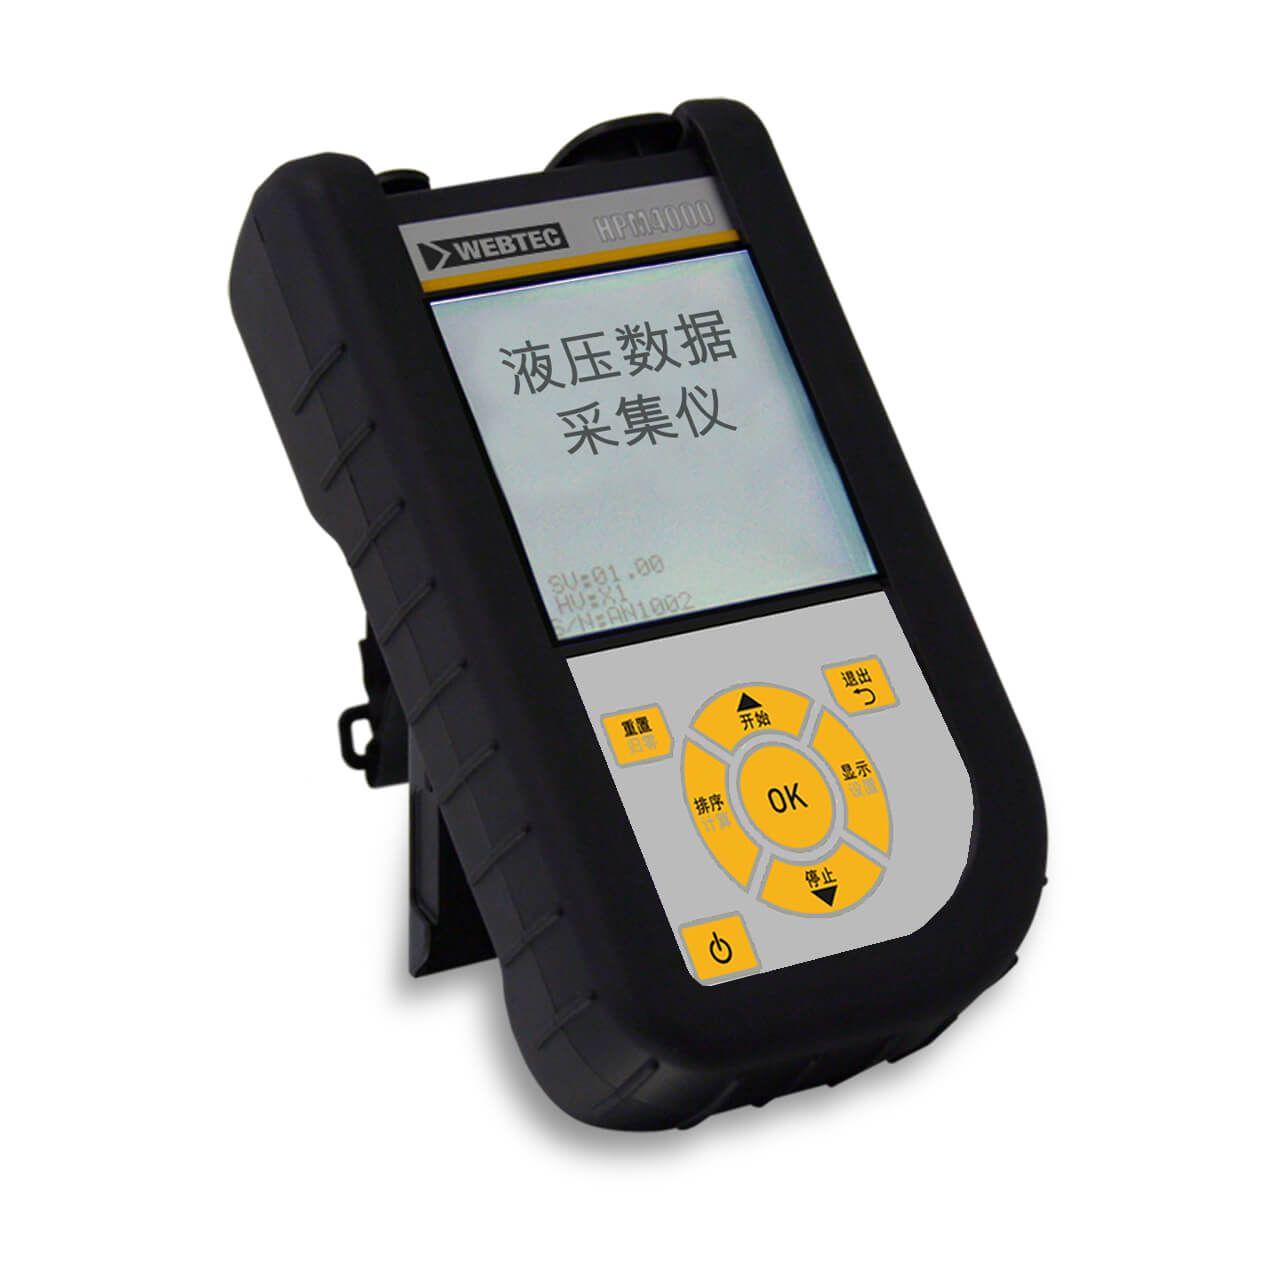 WEBTEC威泰科手持式读数器和数据记录仪厂家直销